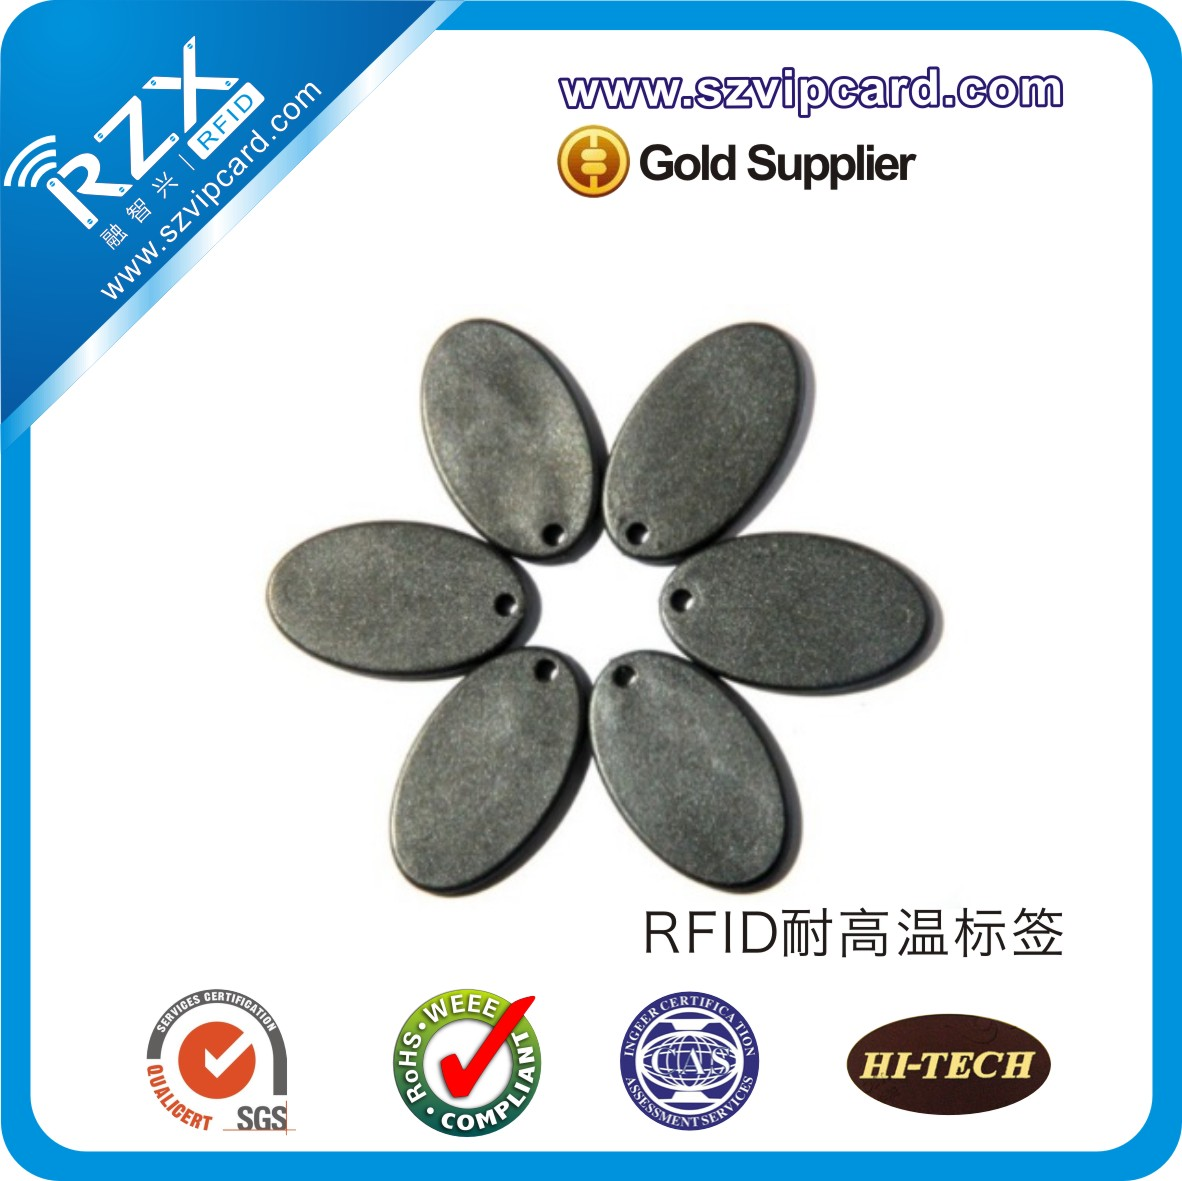 RFID耐高温洗衣标签